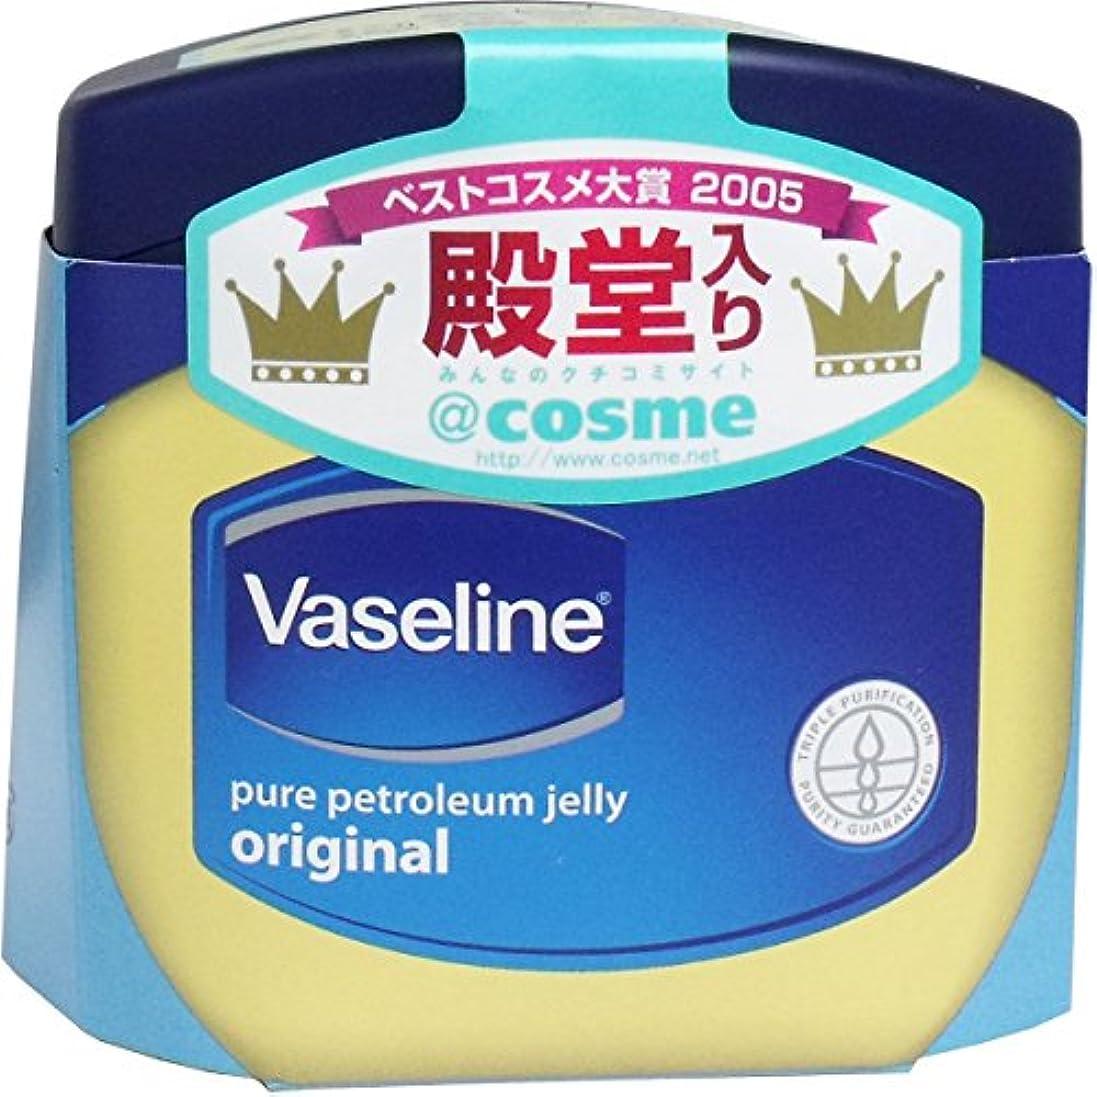 容赦ないくつろぎ八百屋さん【Vaseline】ヴァセリン ピュアスキンジェリー (スキンオイル) 200g ×10個セット